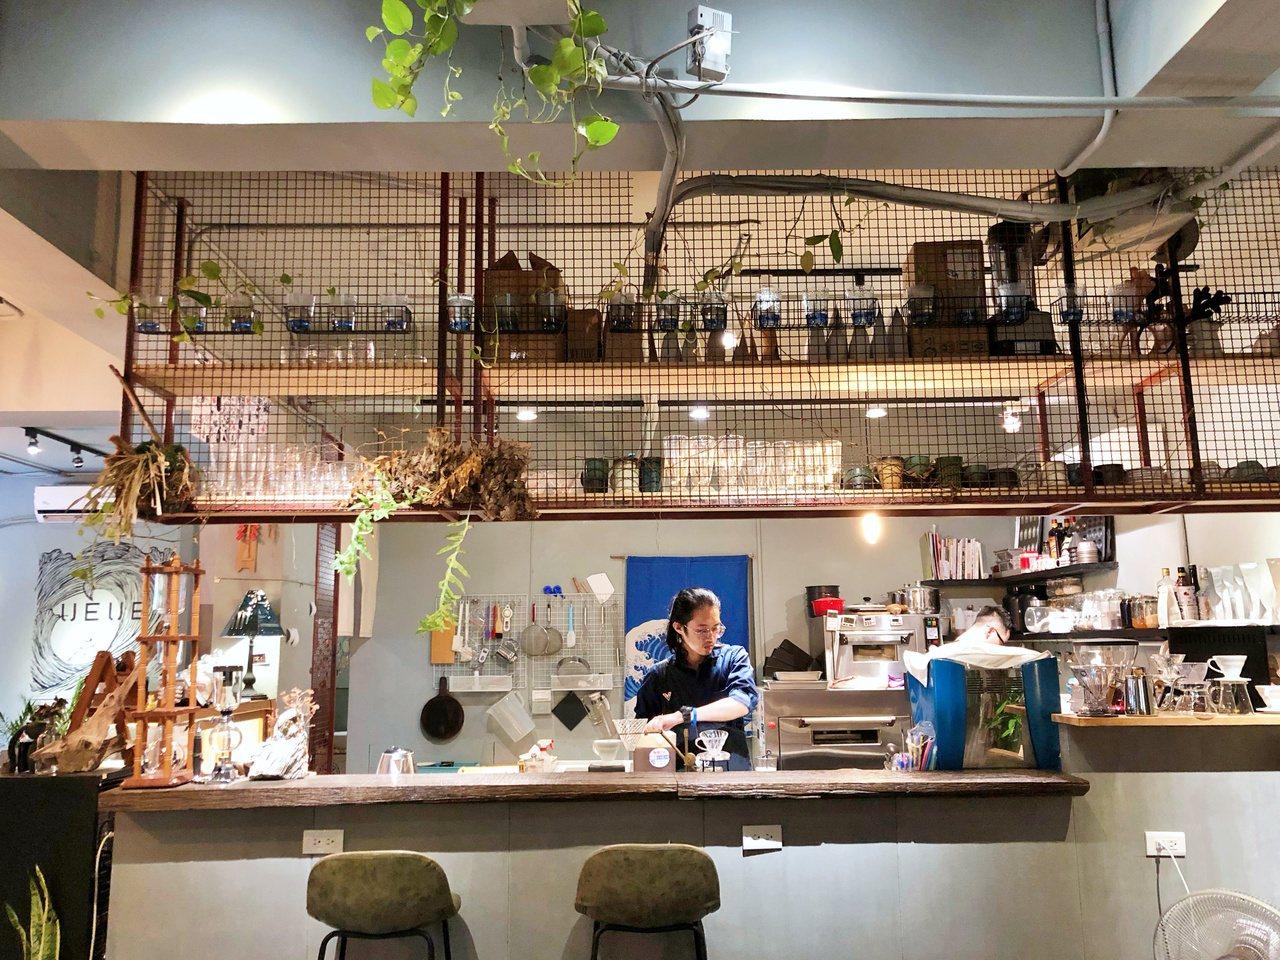 店內提供自選自烘的咖啡,一走入內可聞到陣陣咖啡香氣。記者魏妤庭/攝影